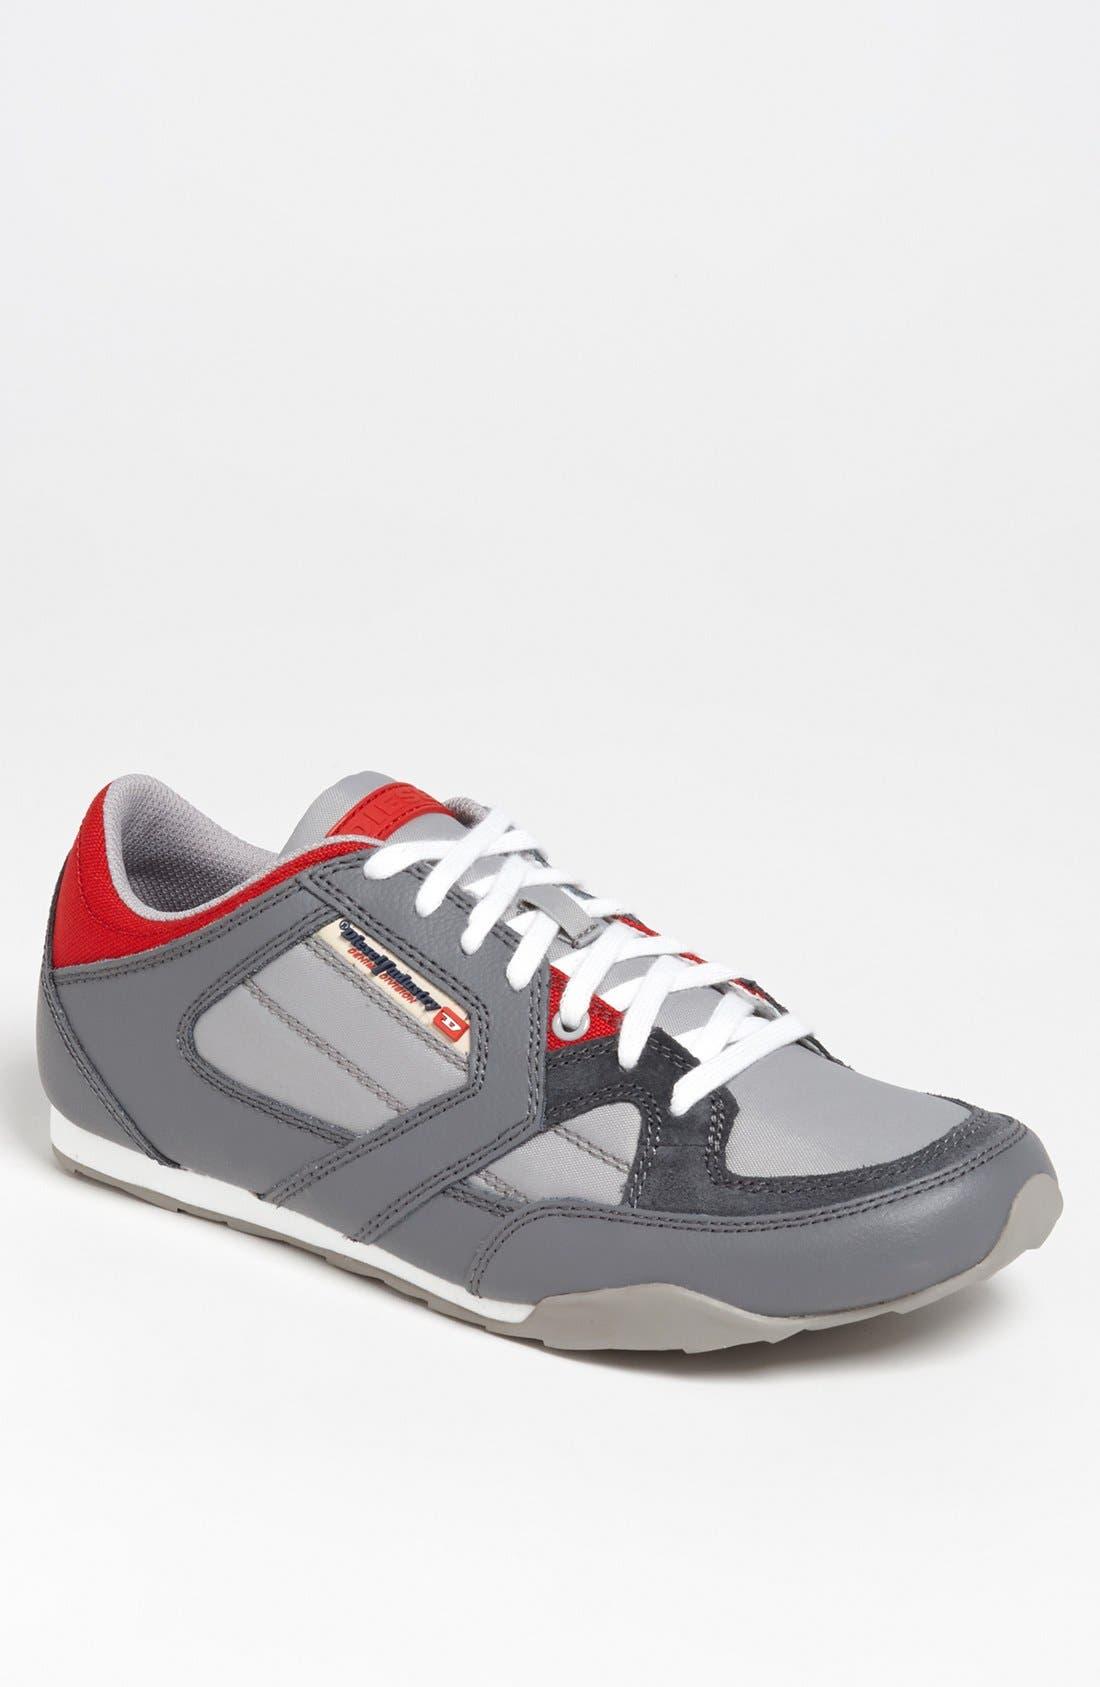 Alternate Image 1 Selected - DIESEL® 'Long Term Dynamykal' Sneaker